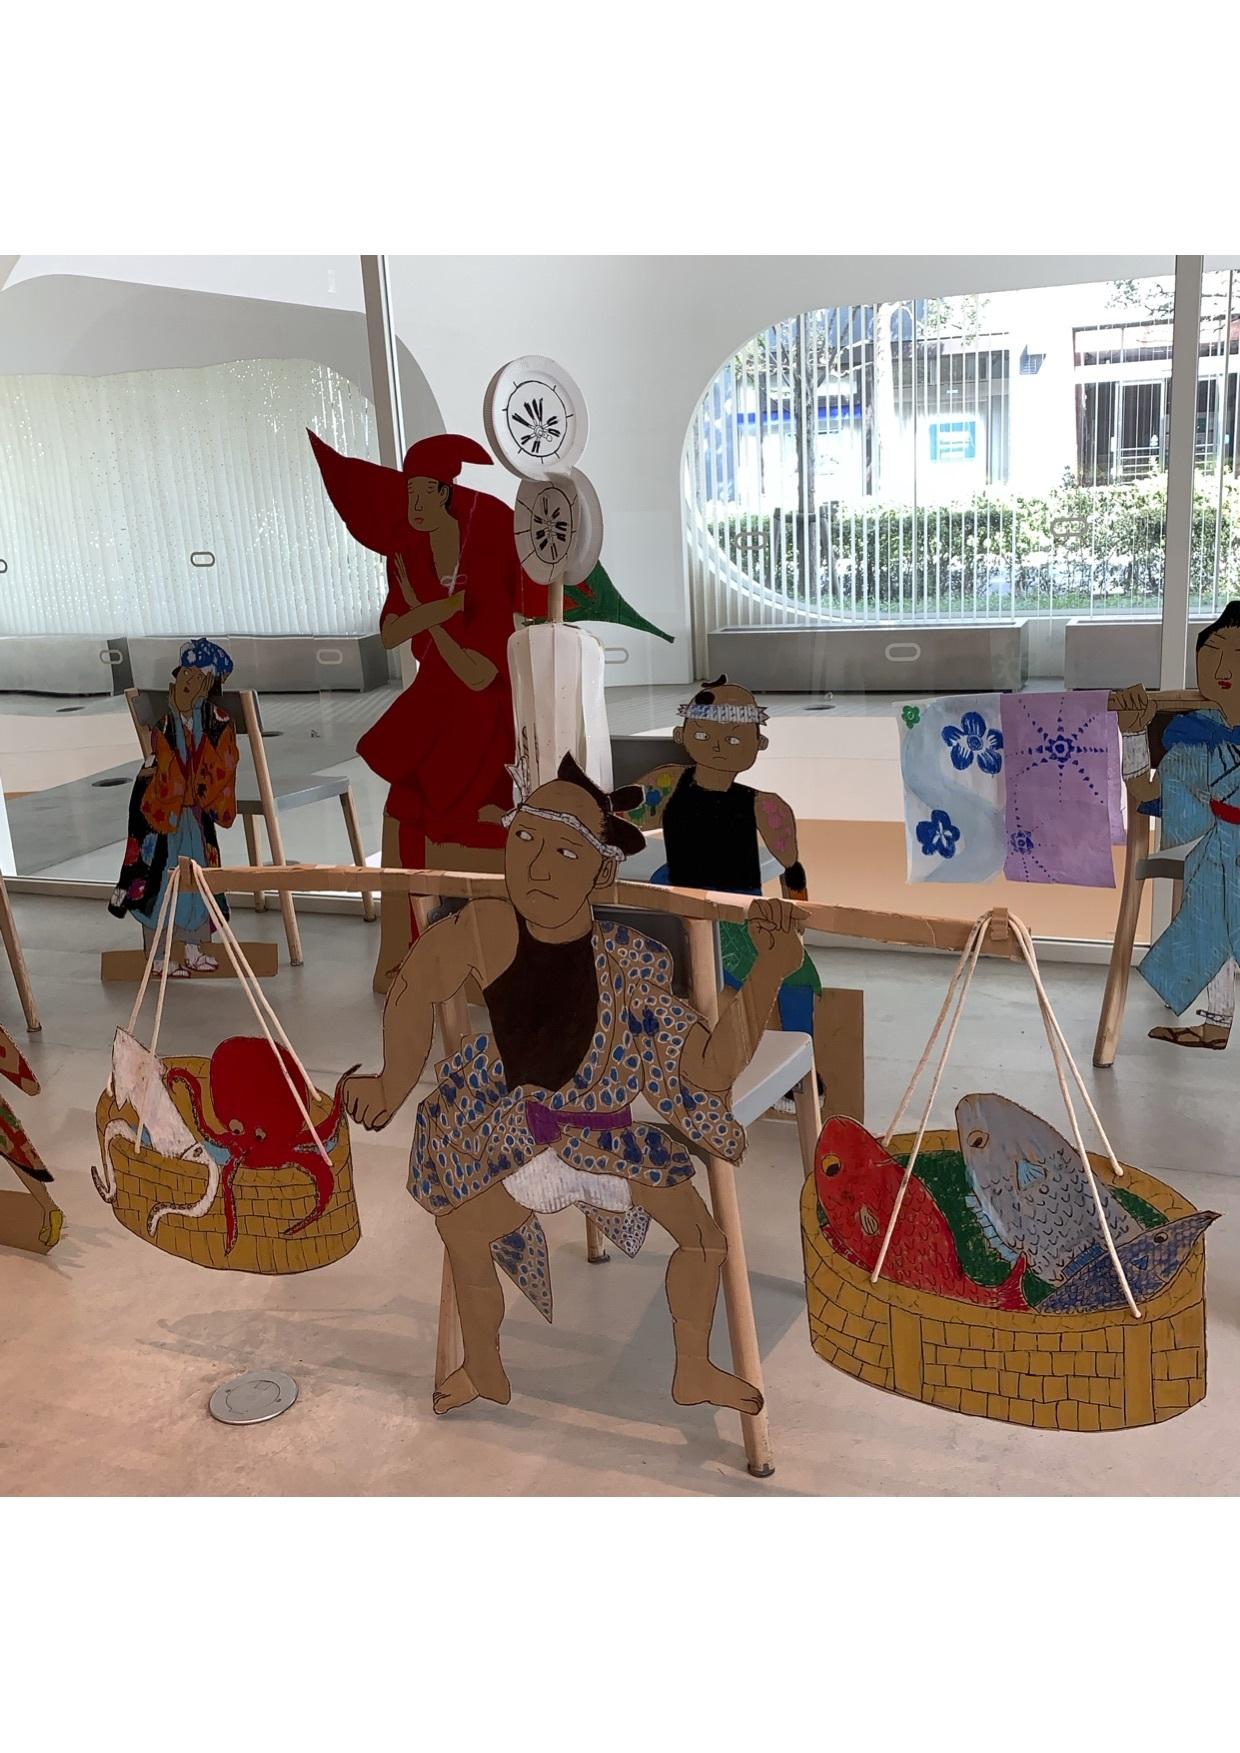 『28周年:吉祥寺わんぱくアトリエ展』江戸時代にタイムスリップしてみよう..._e0167716_15435509.jpg